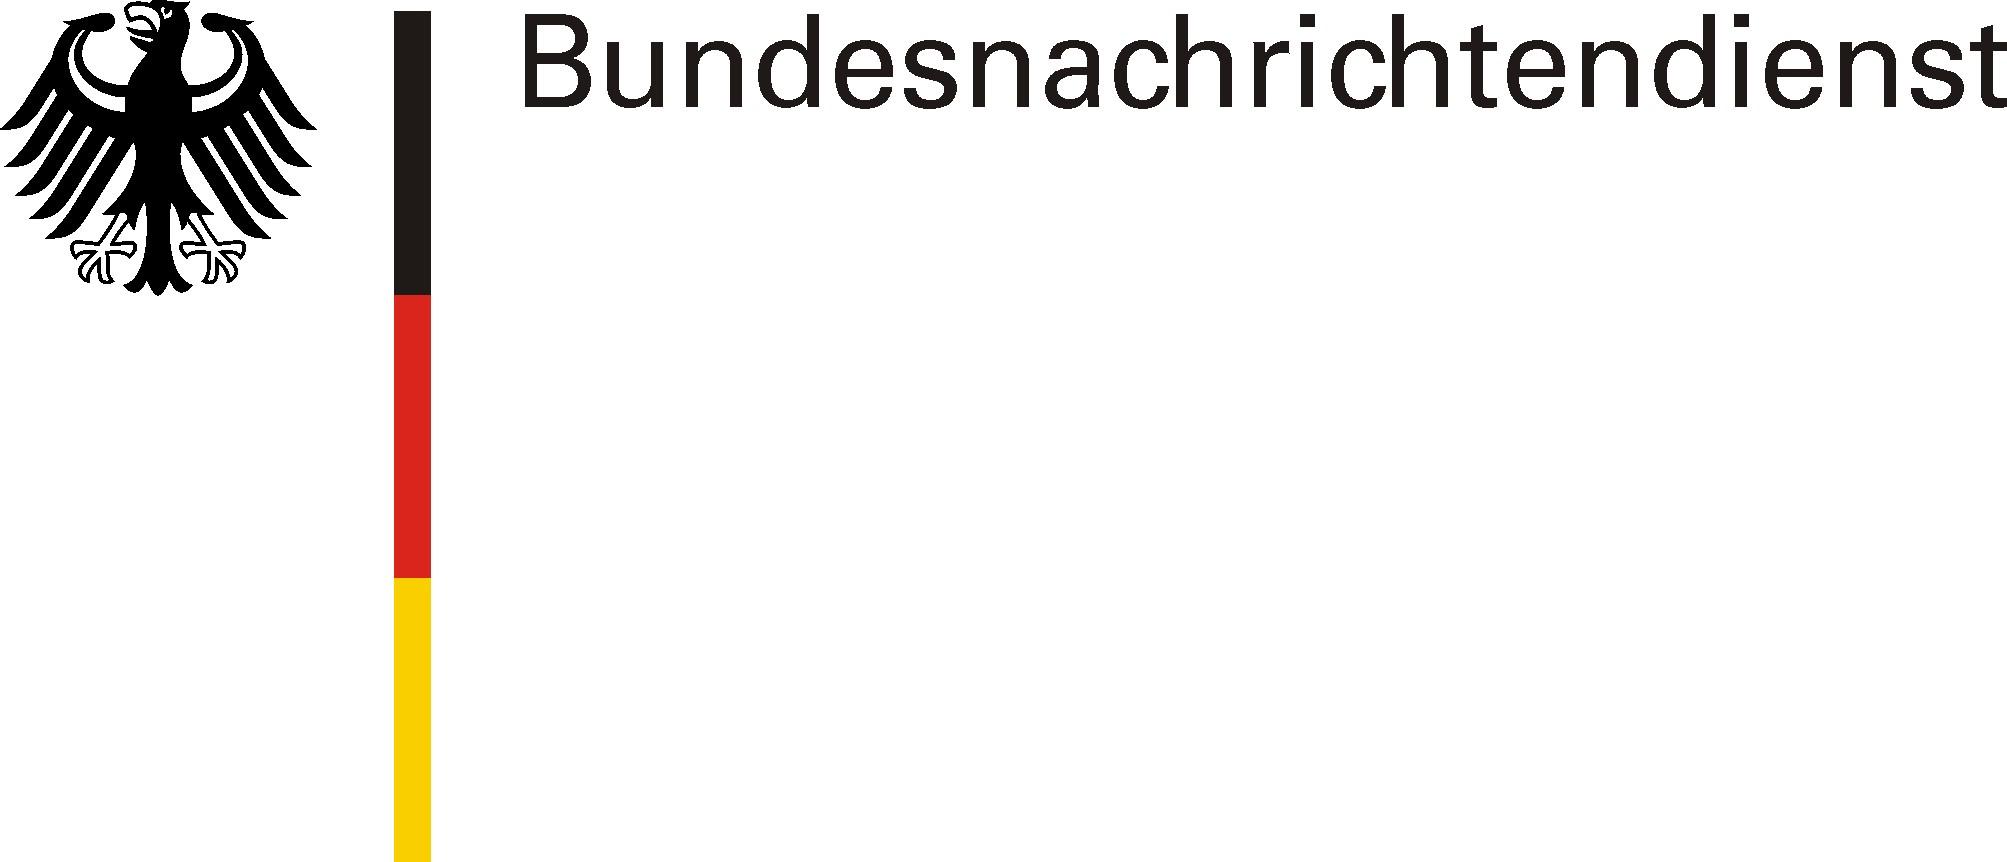 Bundesnachrichtendienst (BND)Logo Image